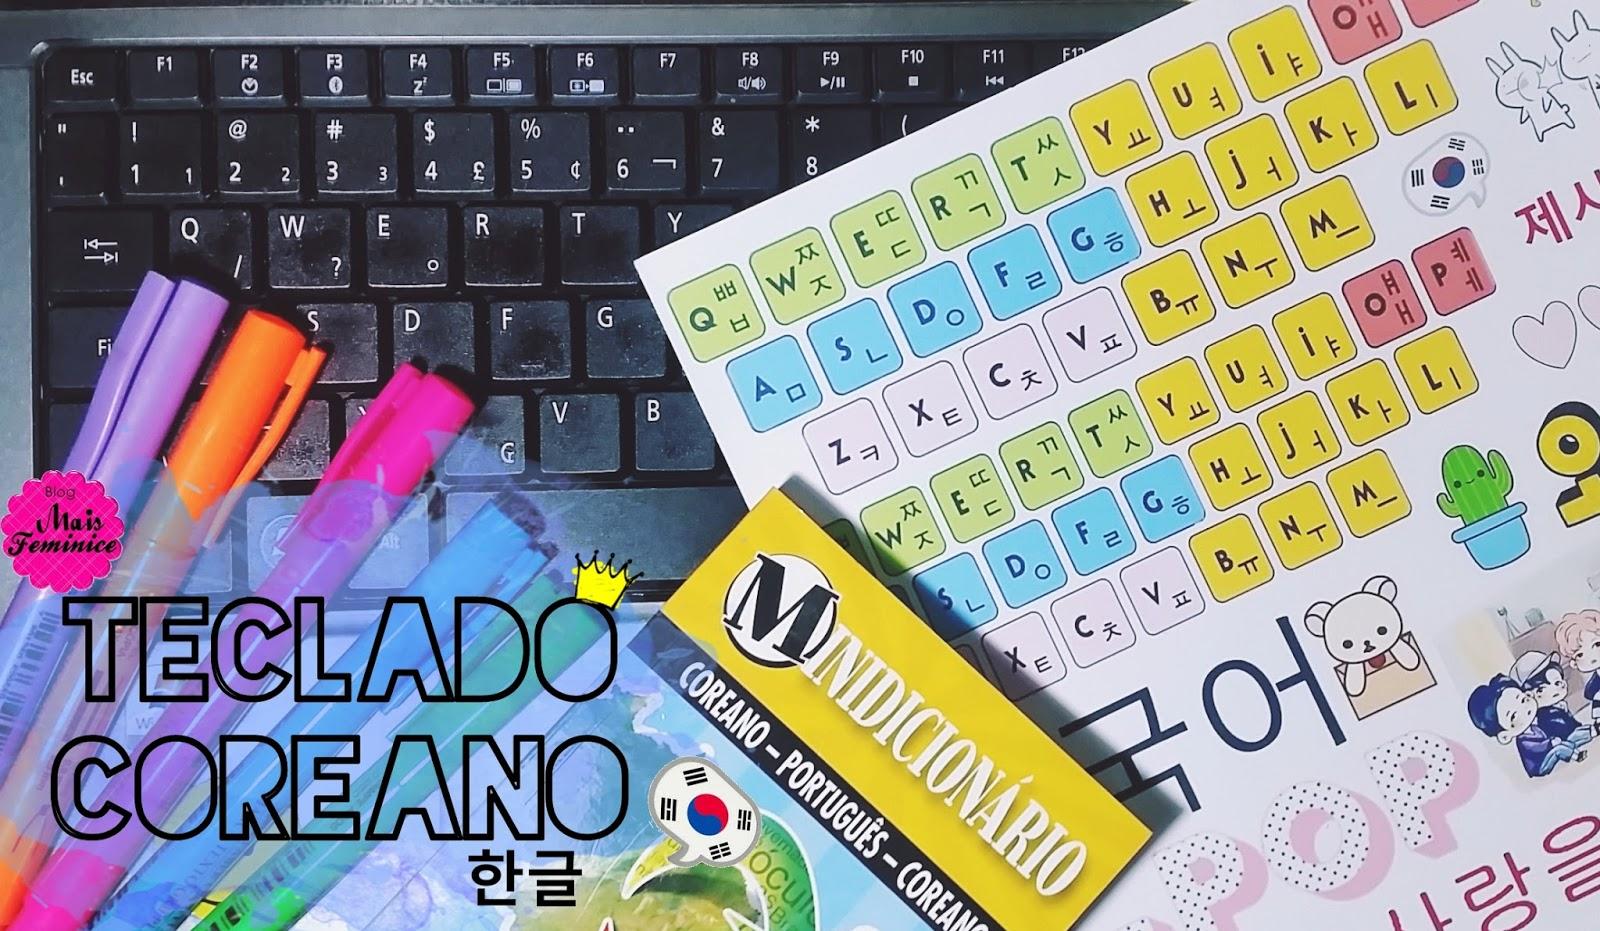 [Sticker] Adesivo teclado coreano 한글